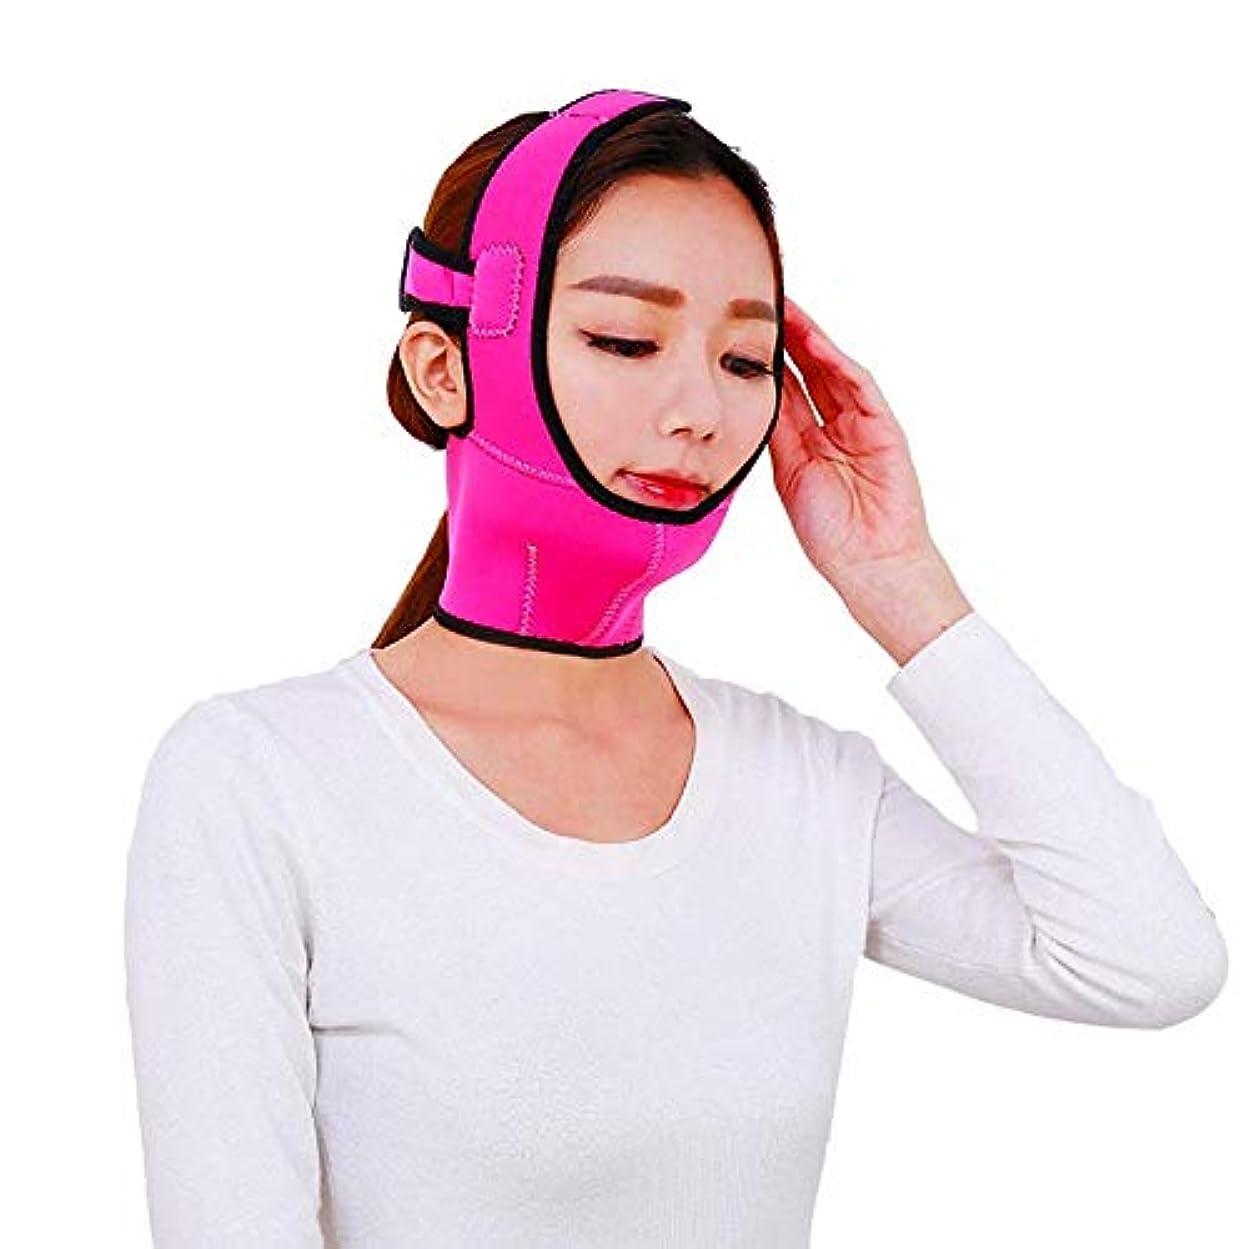 生態学パブシエスタ二重あごの顔の持ち上がるマスクVfaceの顔の小さい顔の持ち上がる用具をきつく締める通気性の顔の持ち上がる包帯